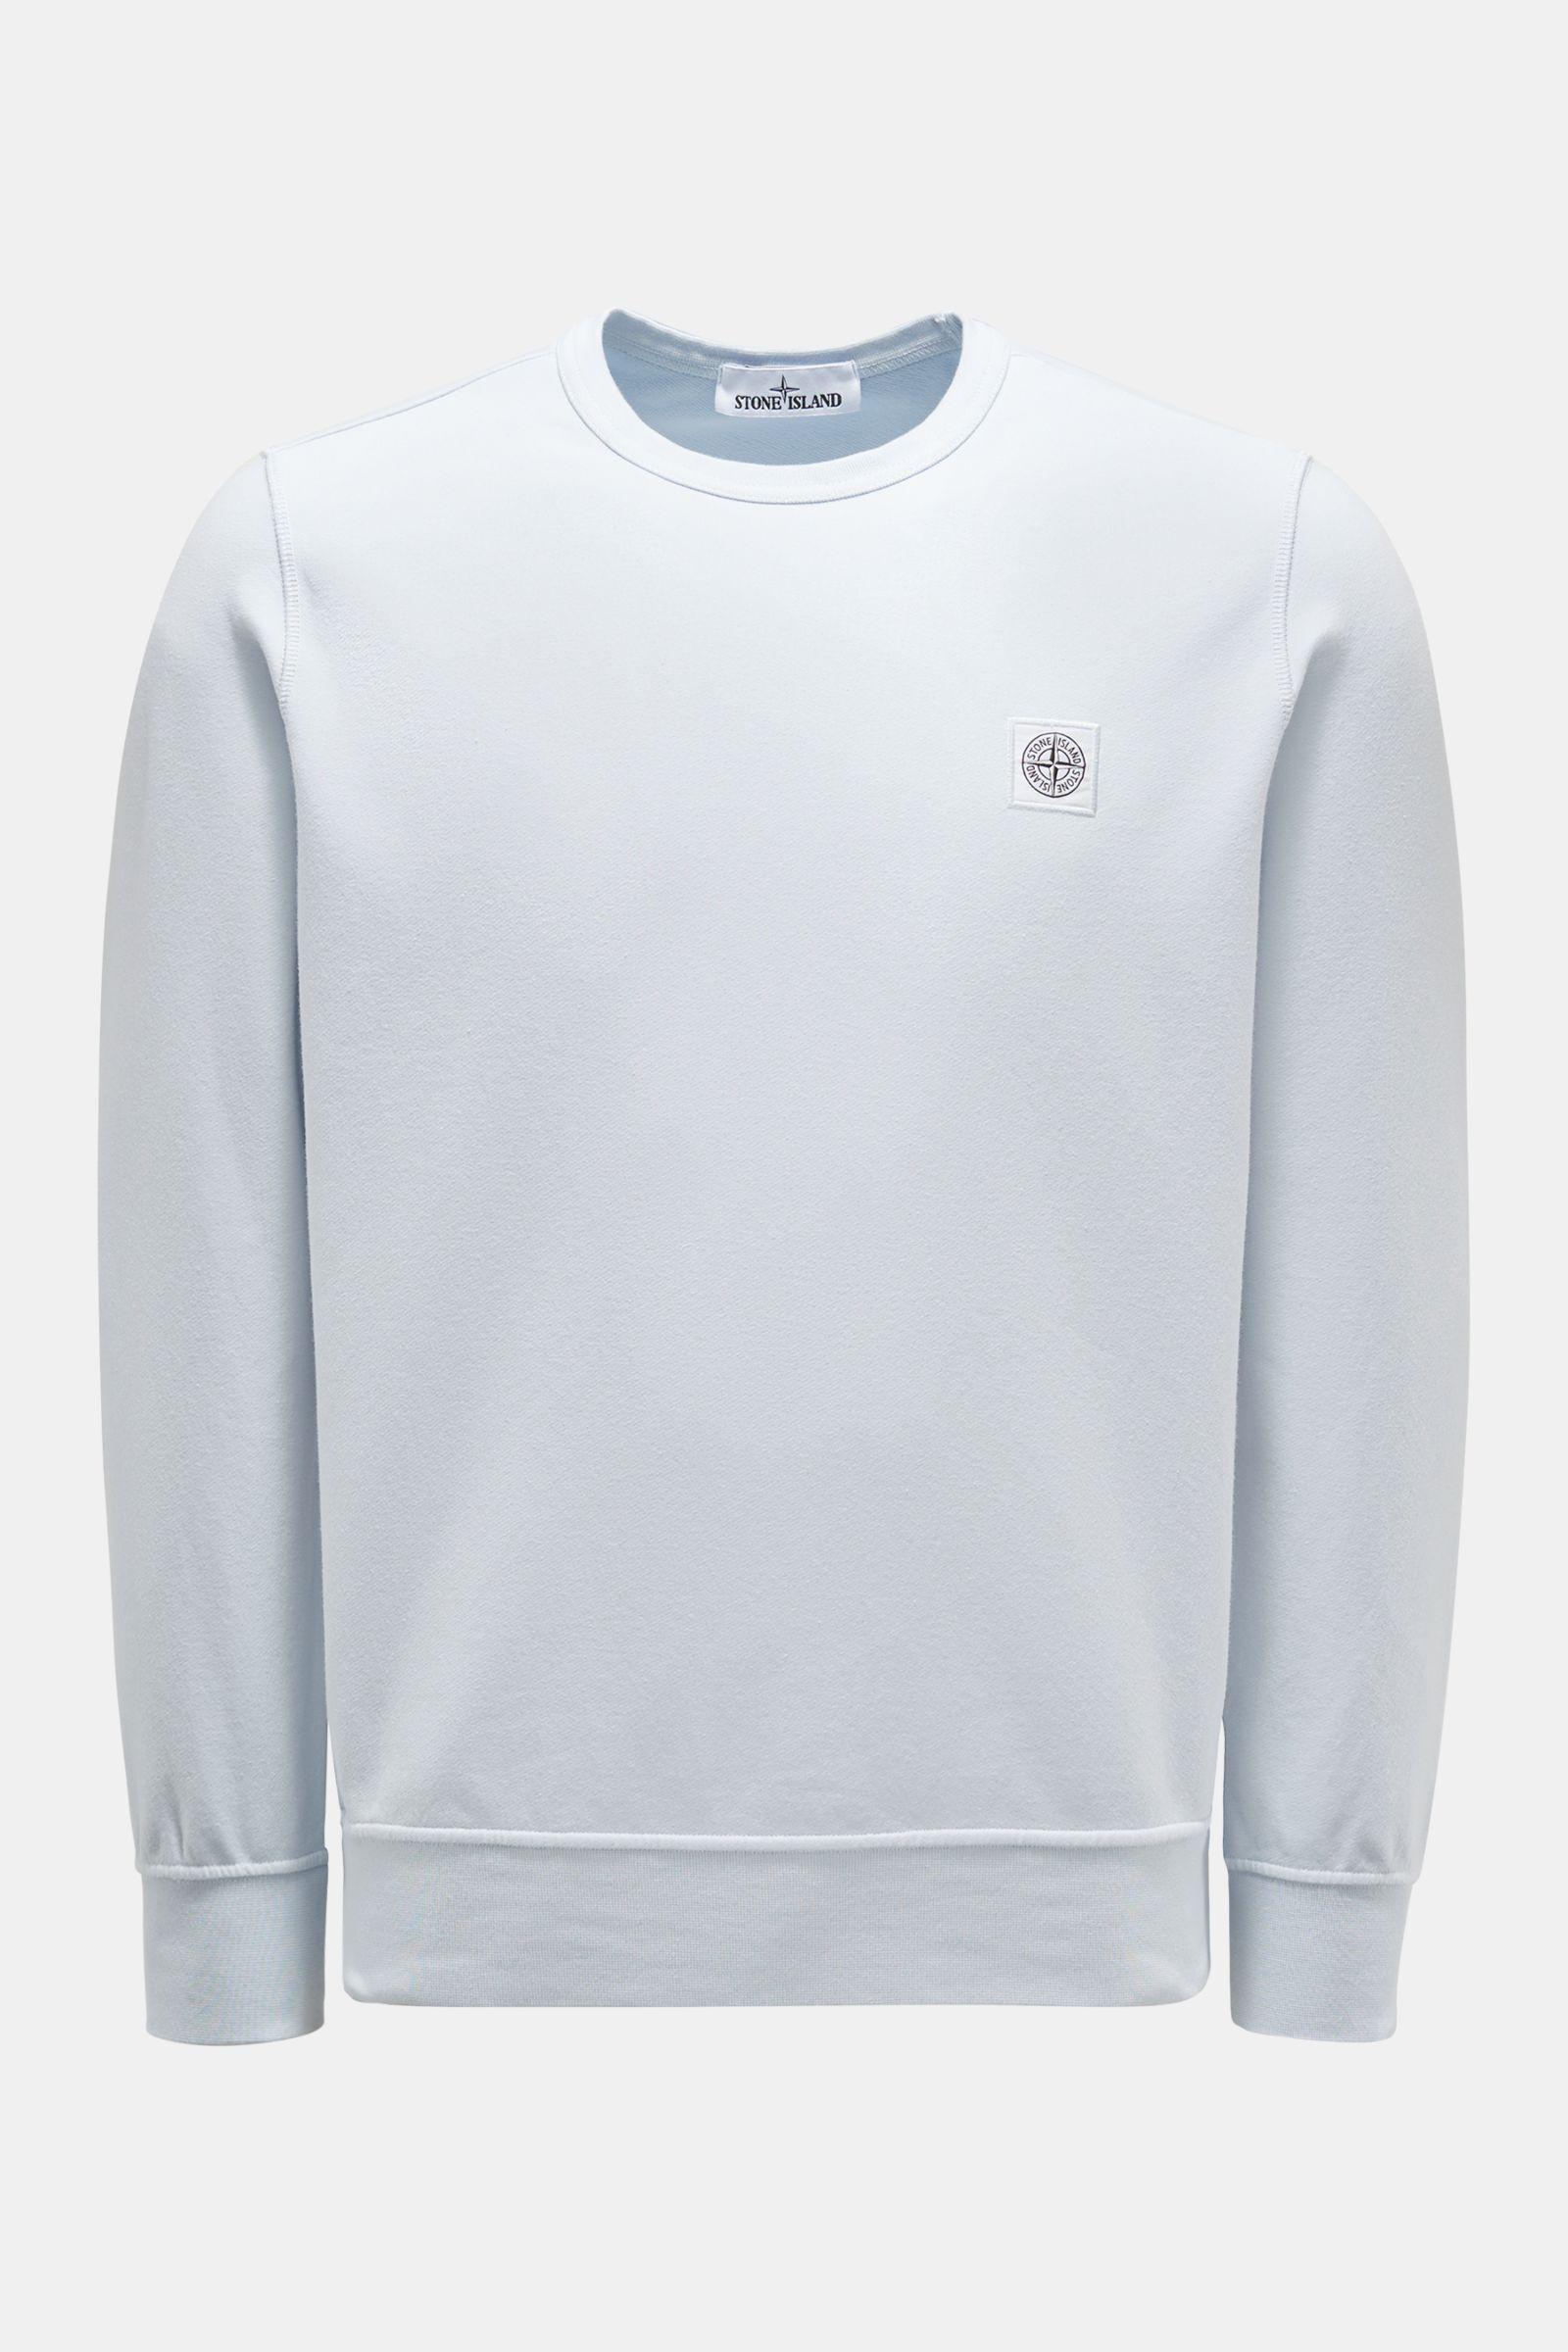 Rundhals-Sweatshirt pastellblau